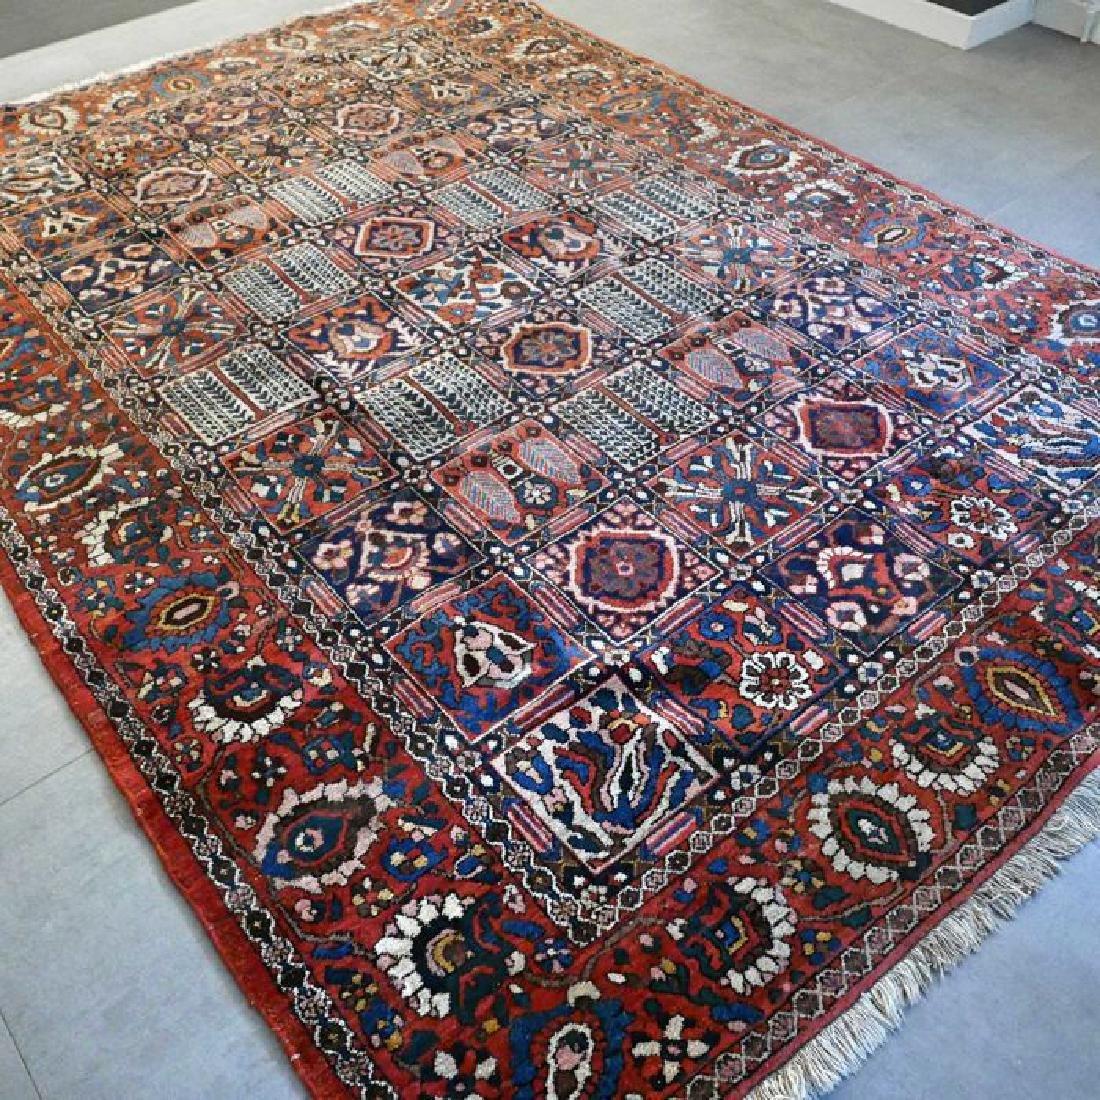 Hand Knotted Vintage Garden Tile Bakhtiar Rug 10x7 - 6